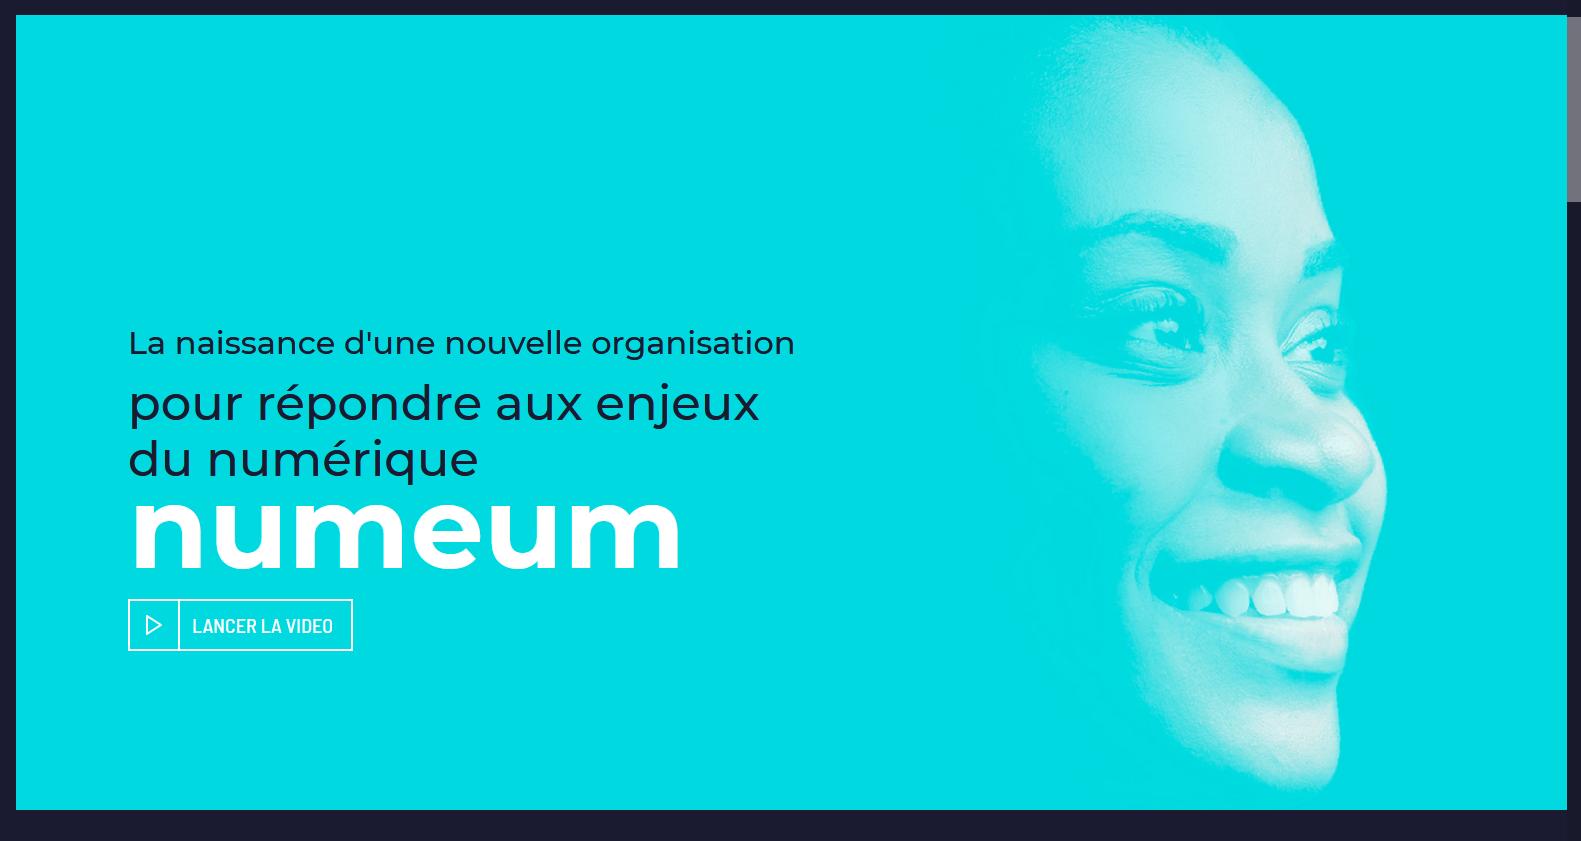 Numeum nouveau syndicat professionnel français du numérique